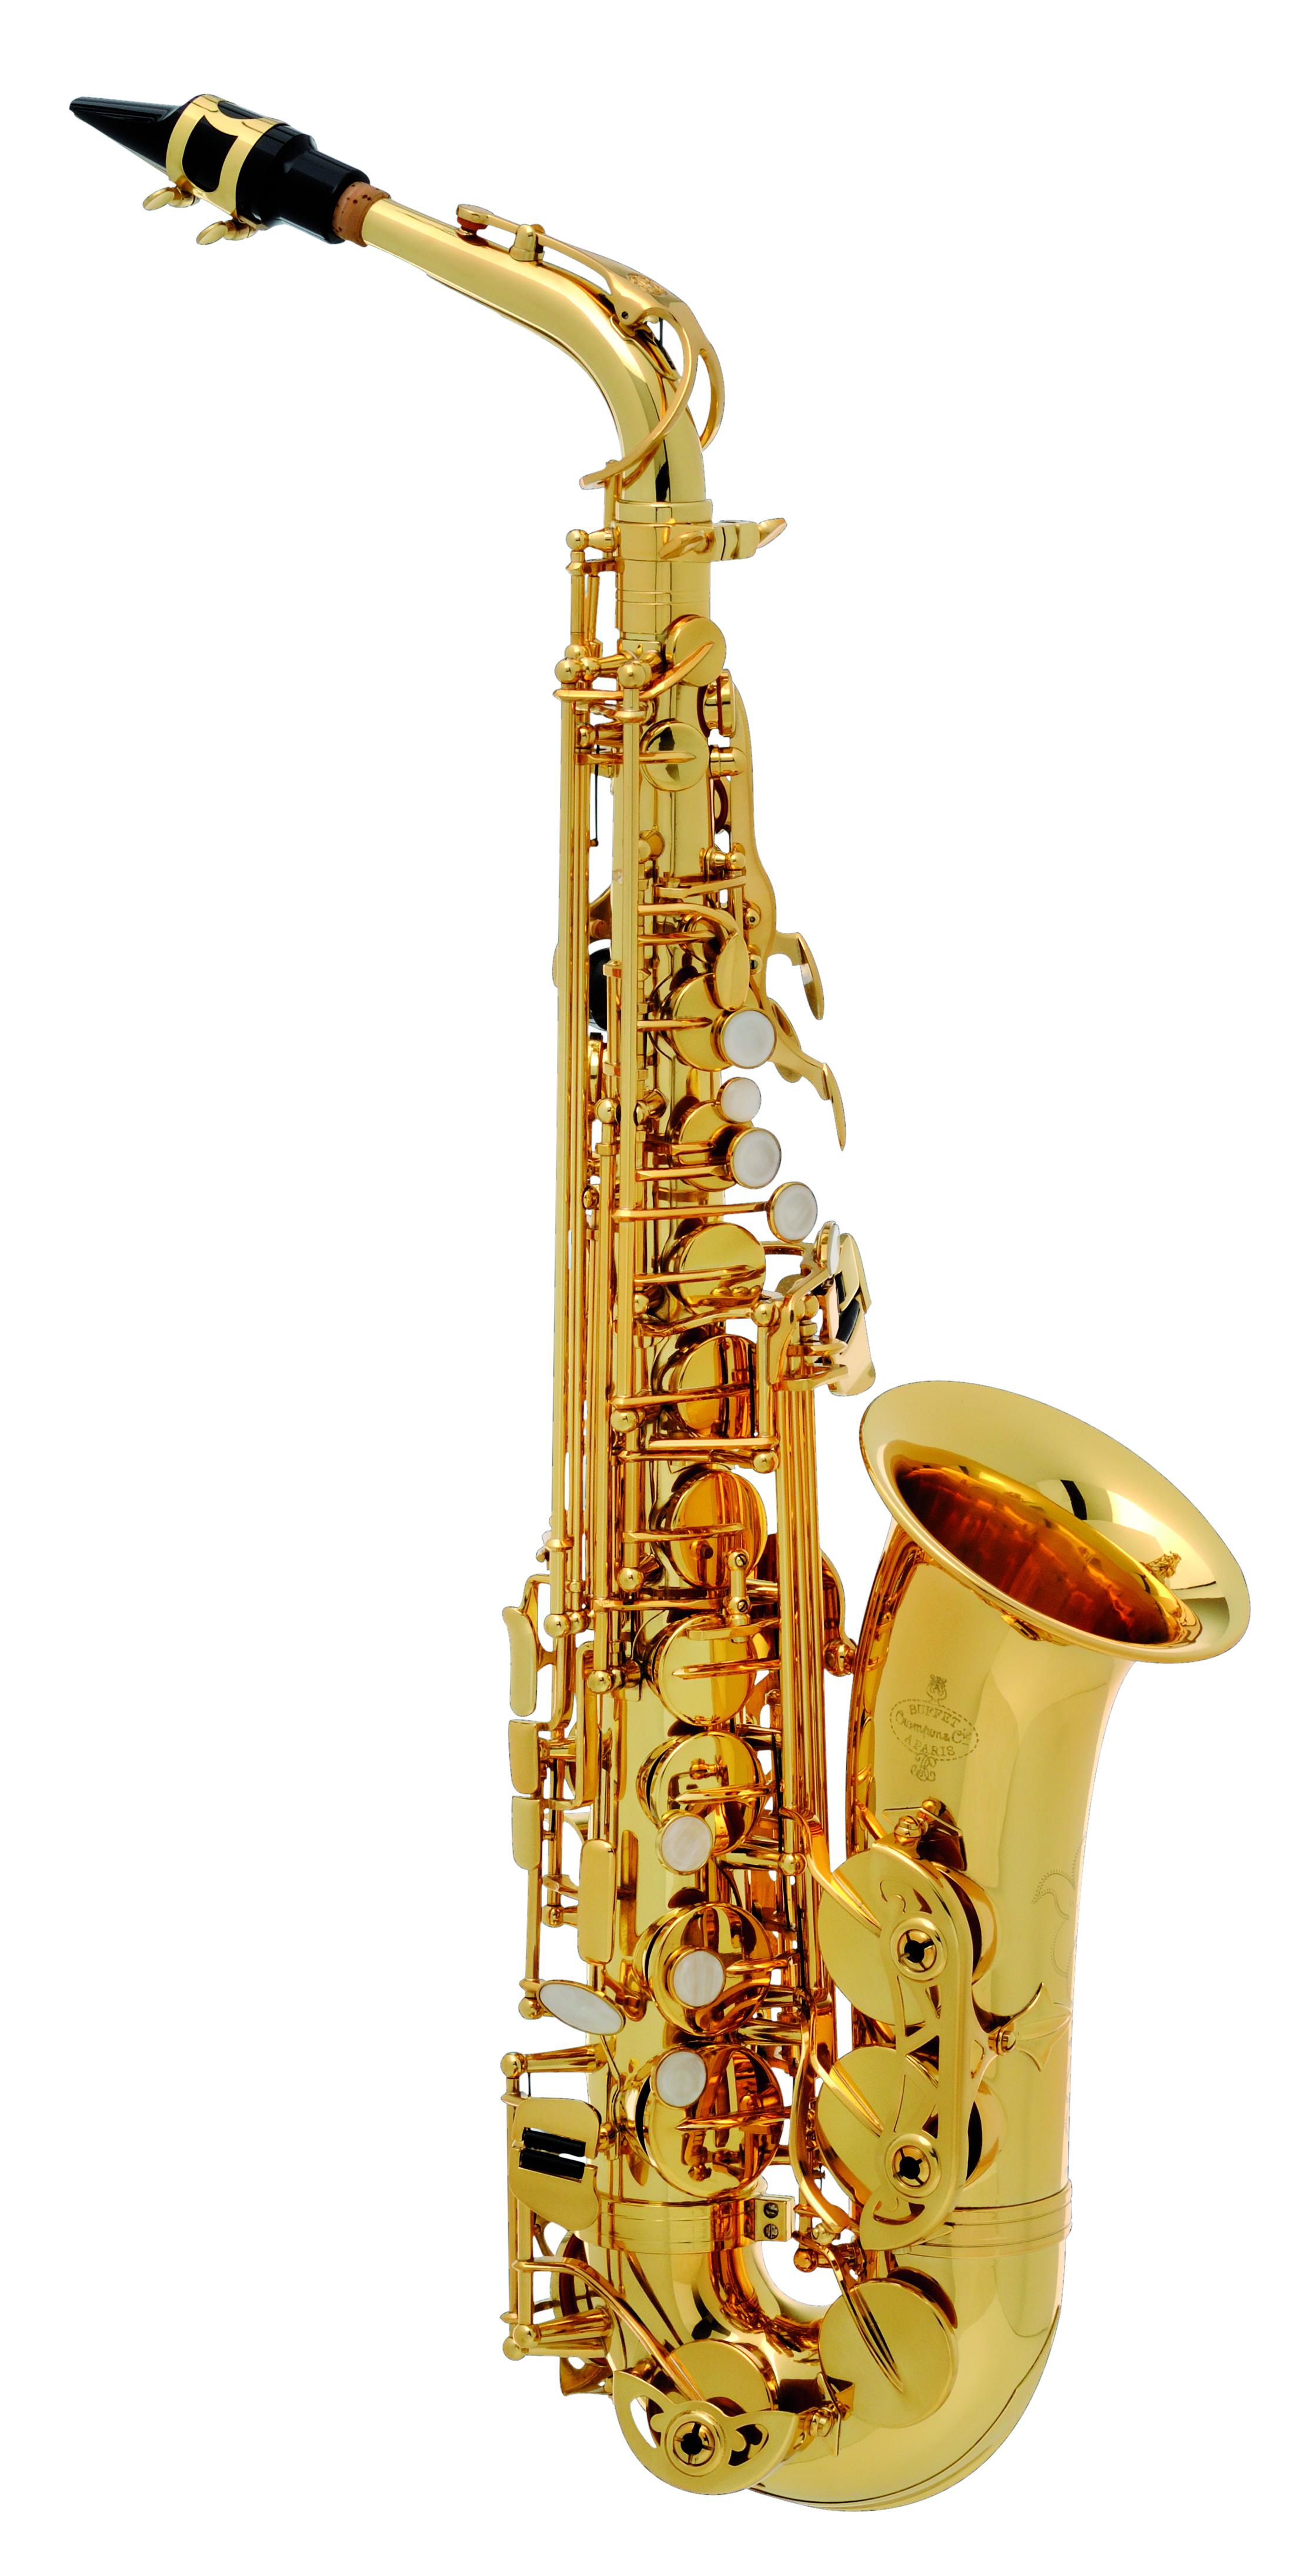 Buffet - BC-8101-1-0 - Holzblasinstrumente - Saxophone | MUSIK BERTRAM Deutschland Freiburg